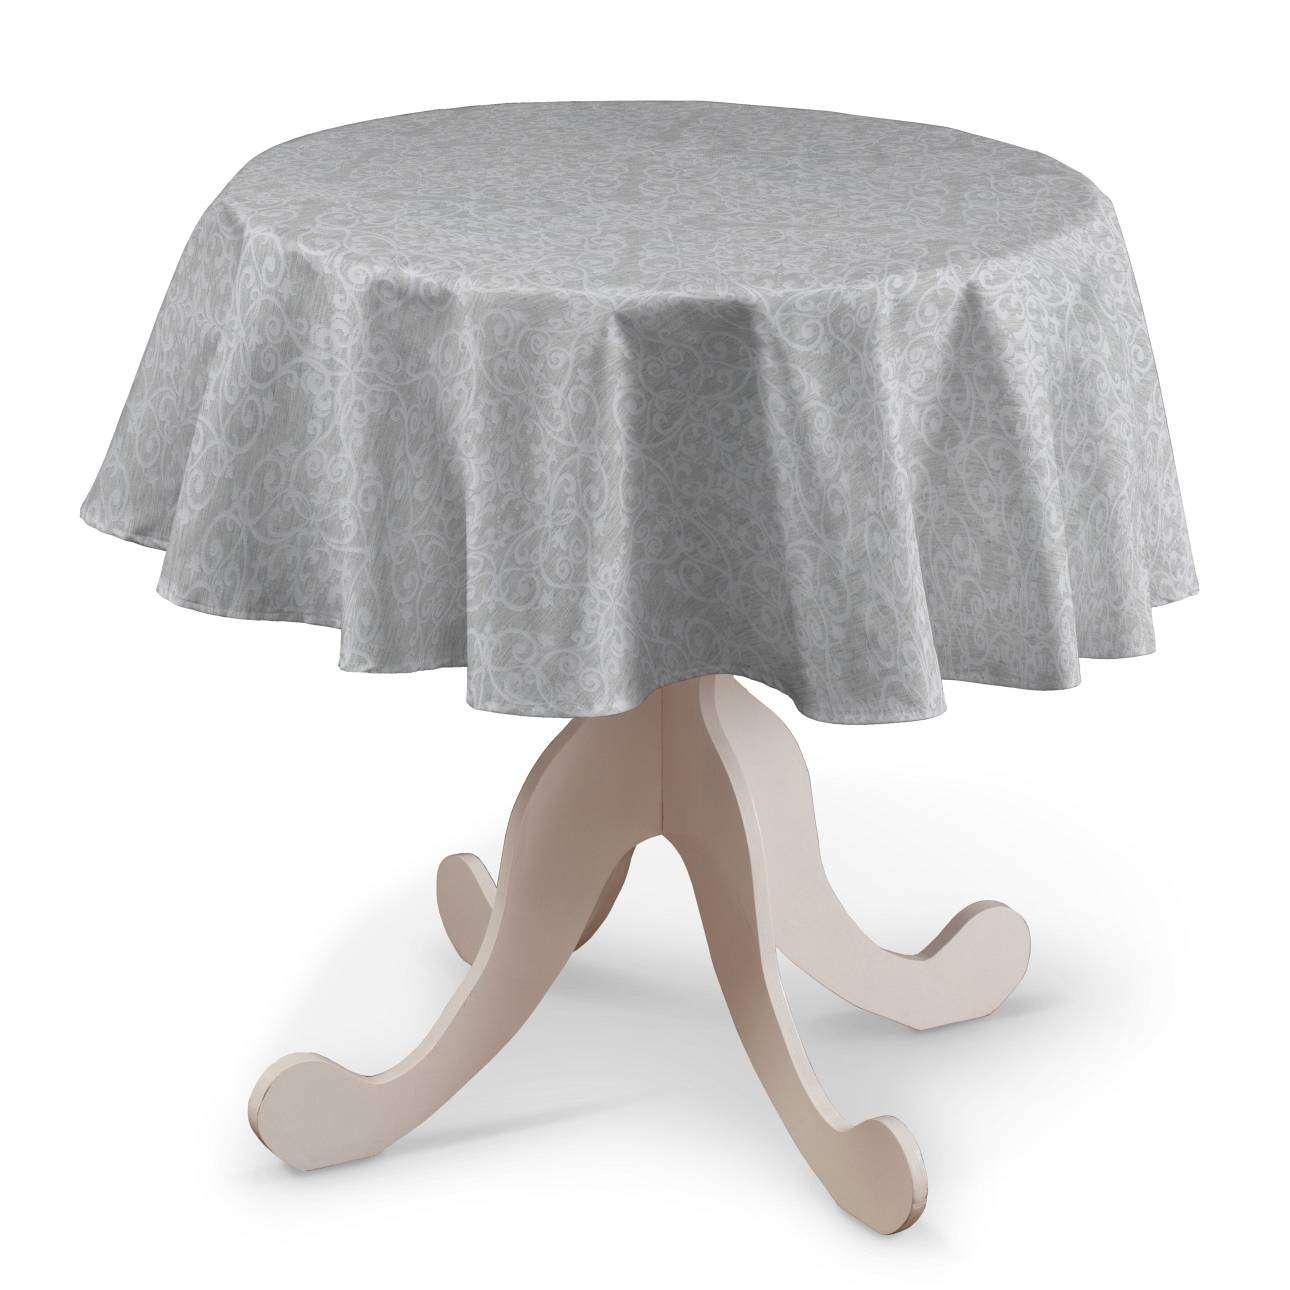 Runde Tischdecke von der Kollektion Venice, Stoff: 140-49